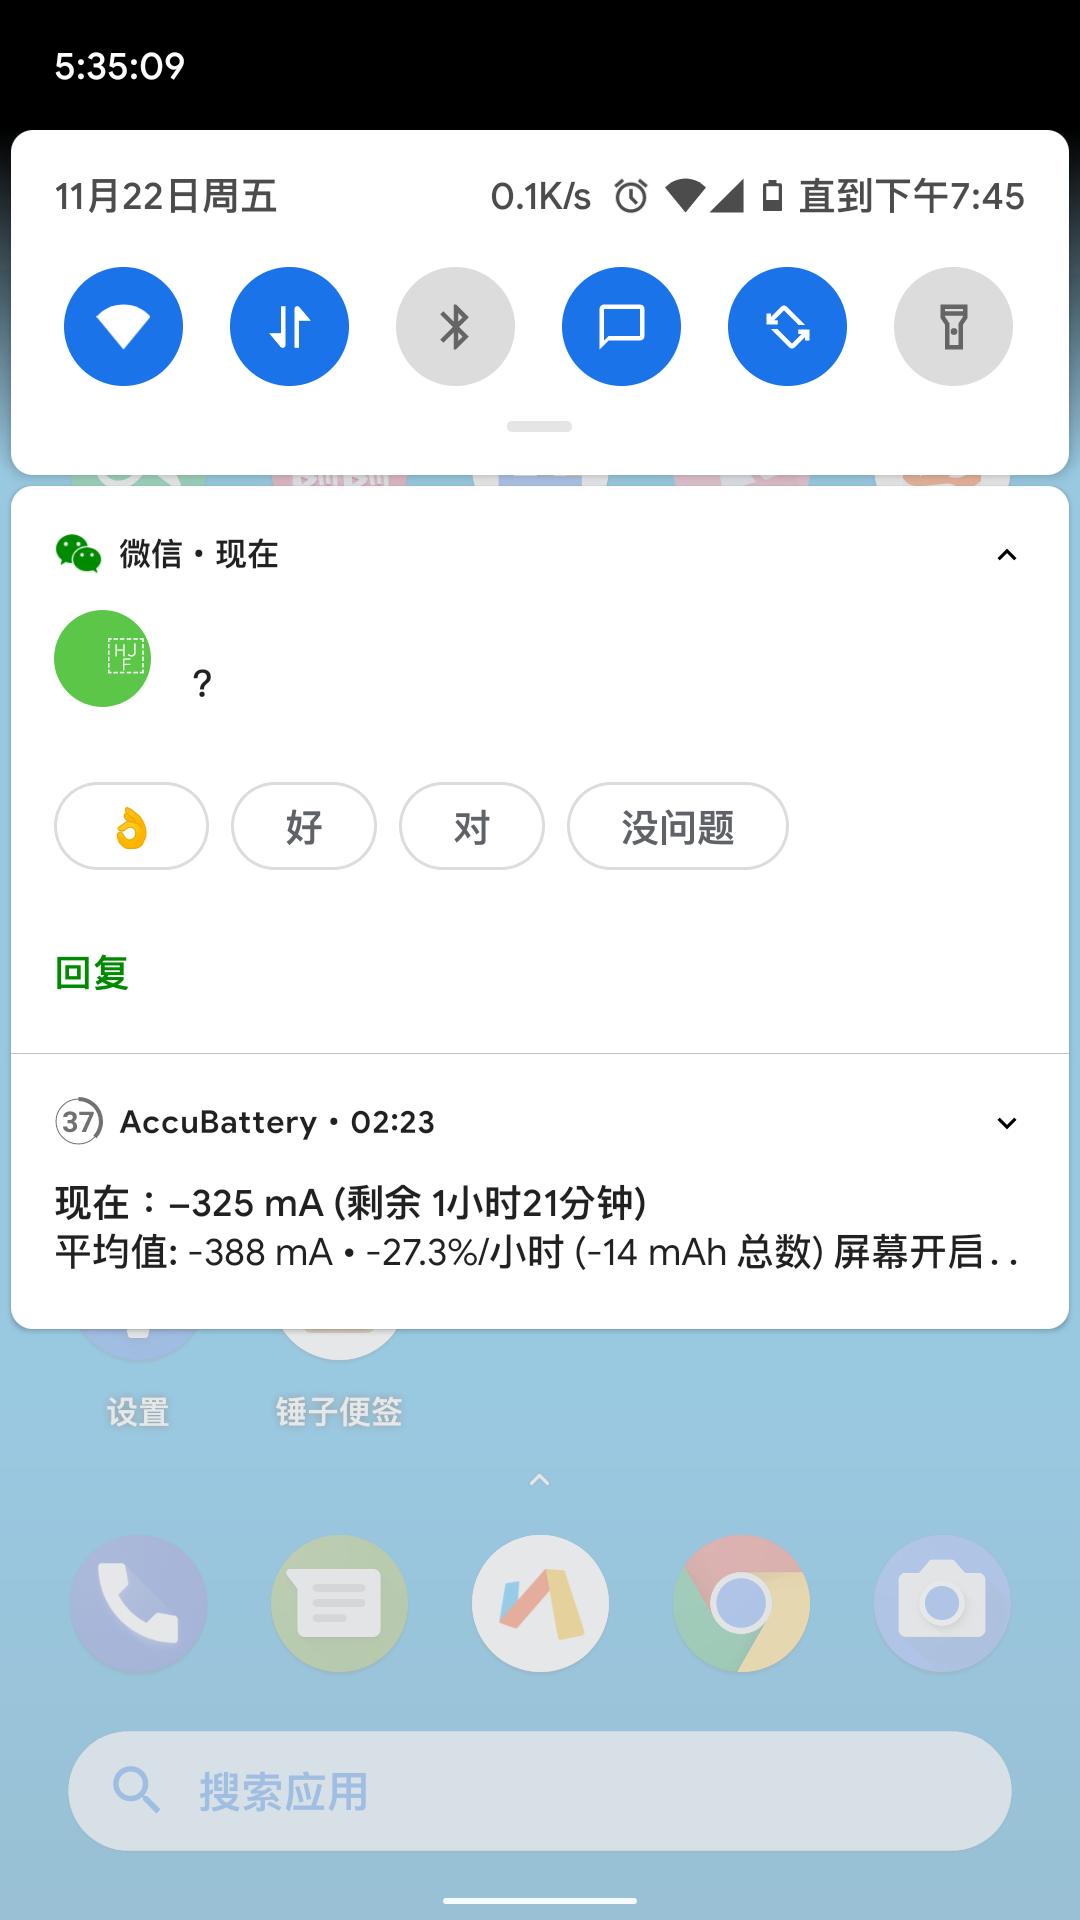 【资源分享】女娲石 v5.3.5  微信免root快捷回复-爱小助